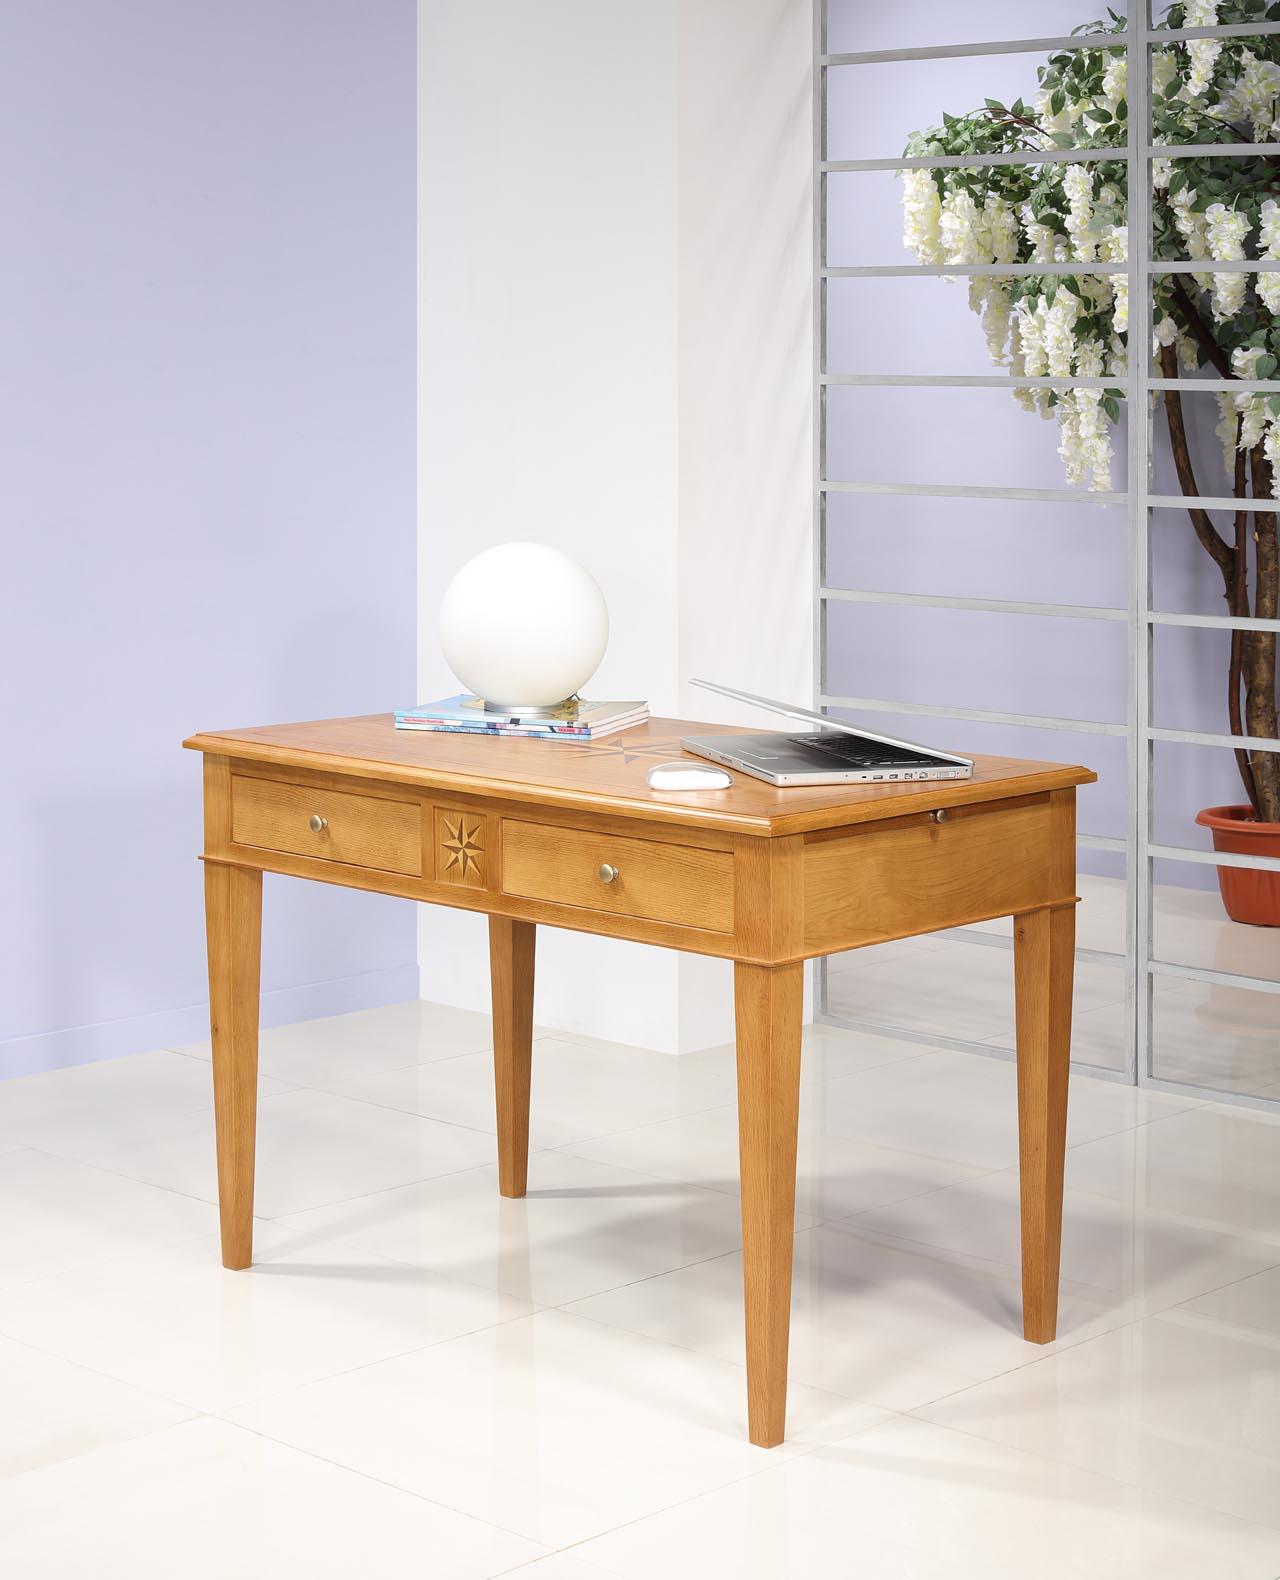 Table d'écriture 2 tiroirs ROSE DES VENTS  en Chêne de style Directoire SEULEMENT 1 DISPONIBLE